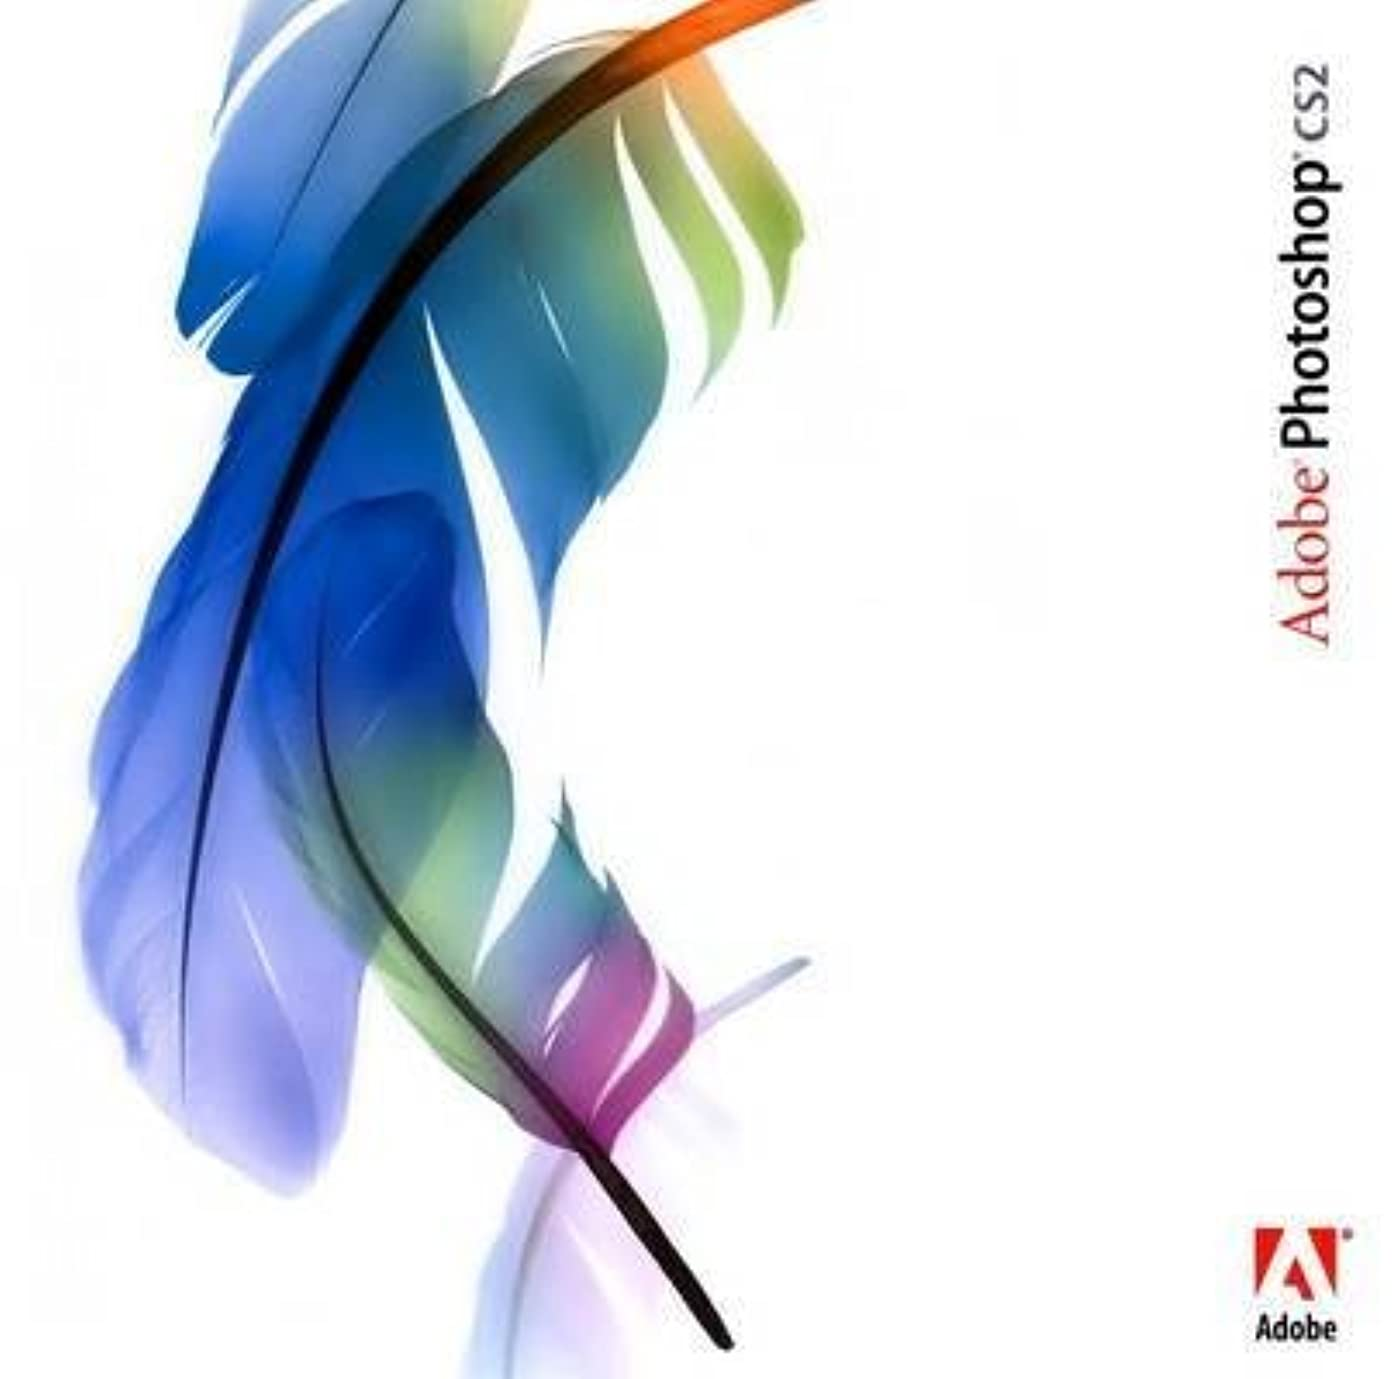 コイルスカイ配管Adobe Photoshop CS2 Windows版 アカデミック版